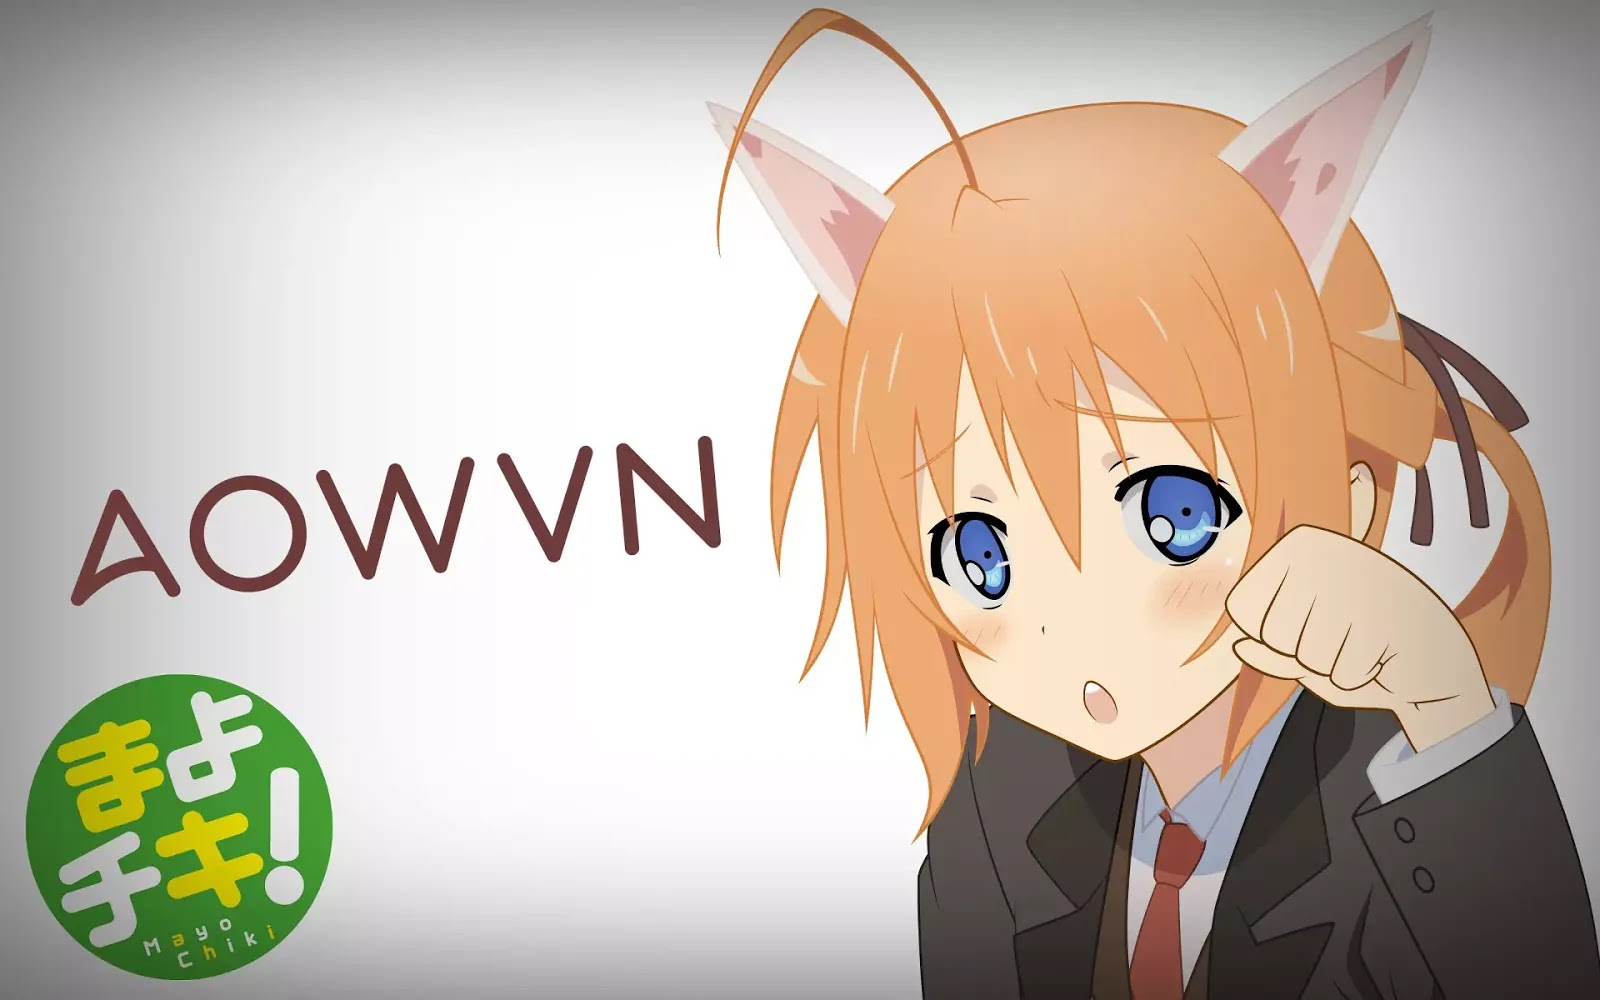 AowVN Mayo%2B%25282%2529 - [ Anime 3gp Mp4 ] Mayo Chiki BD | Vietsub - Tình Yêu Với Cô Nàng Giả Trai - Tình Cảm Siêu Hay